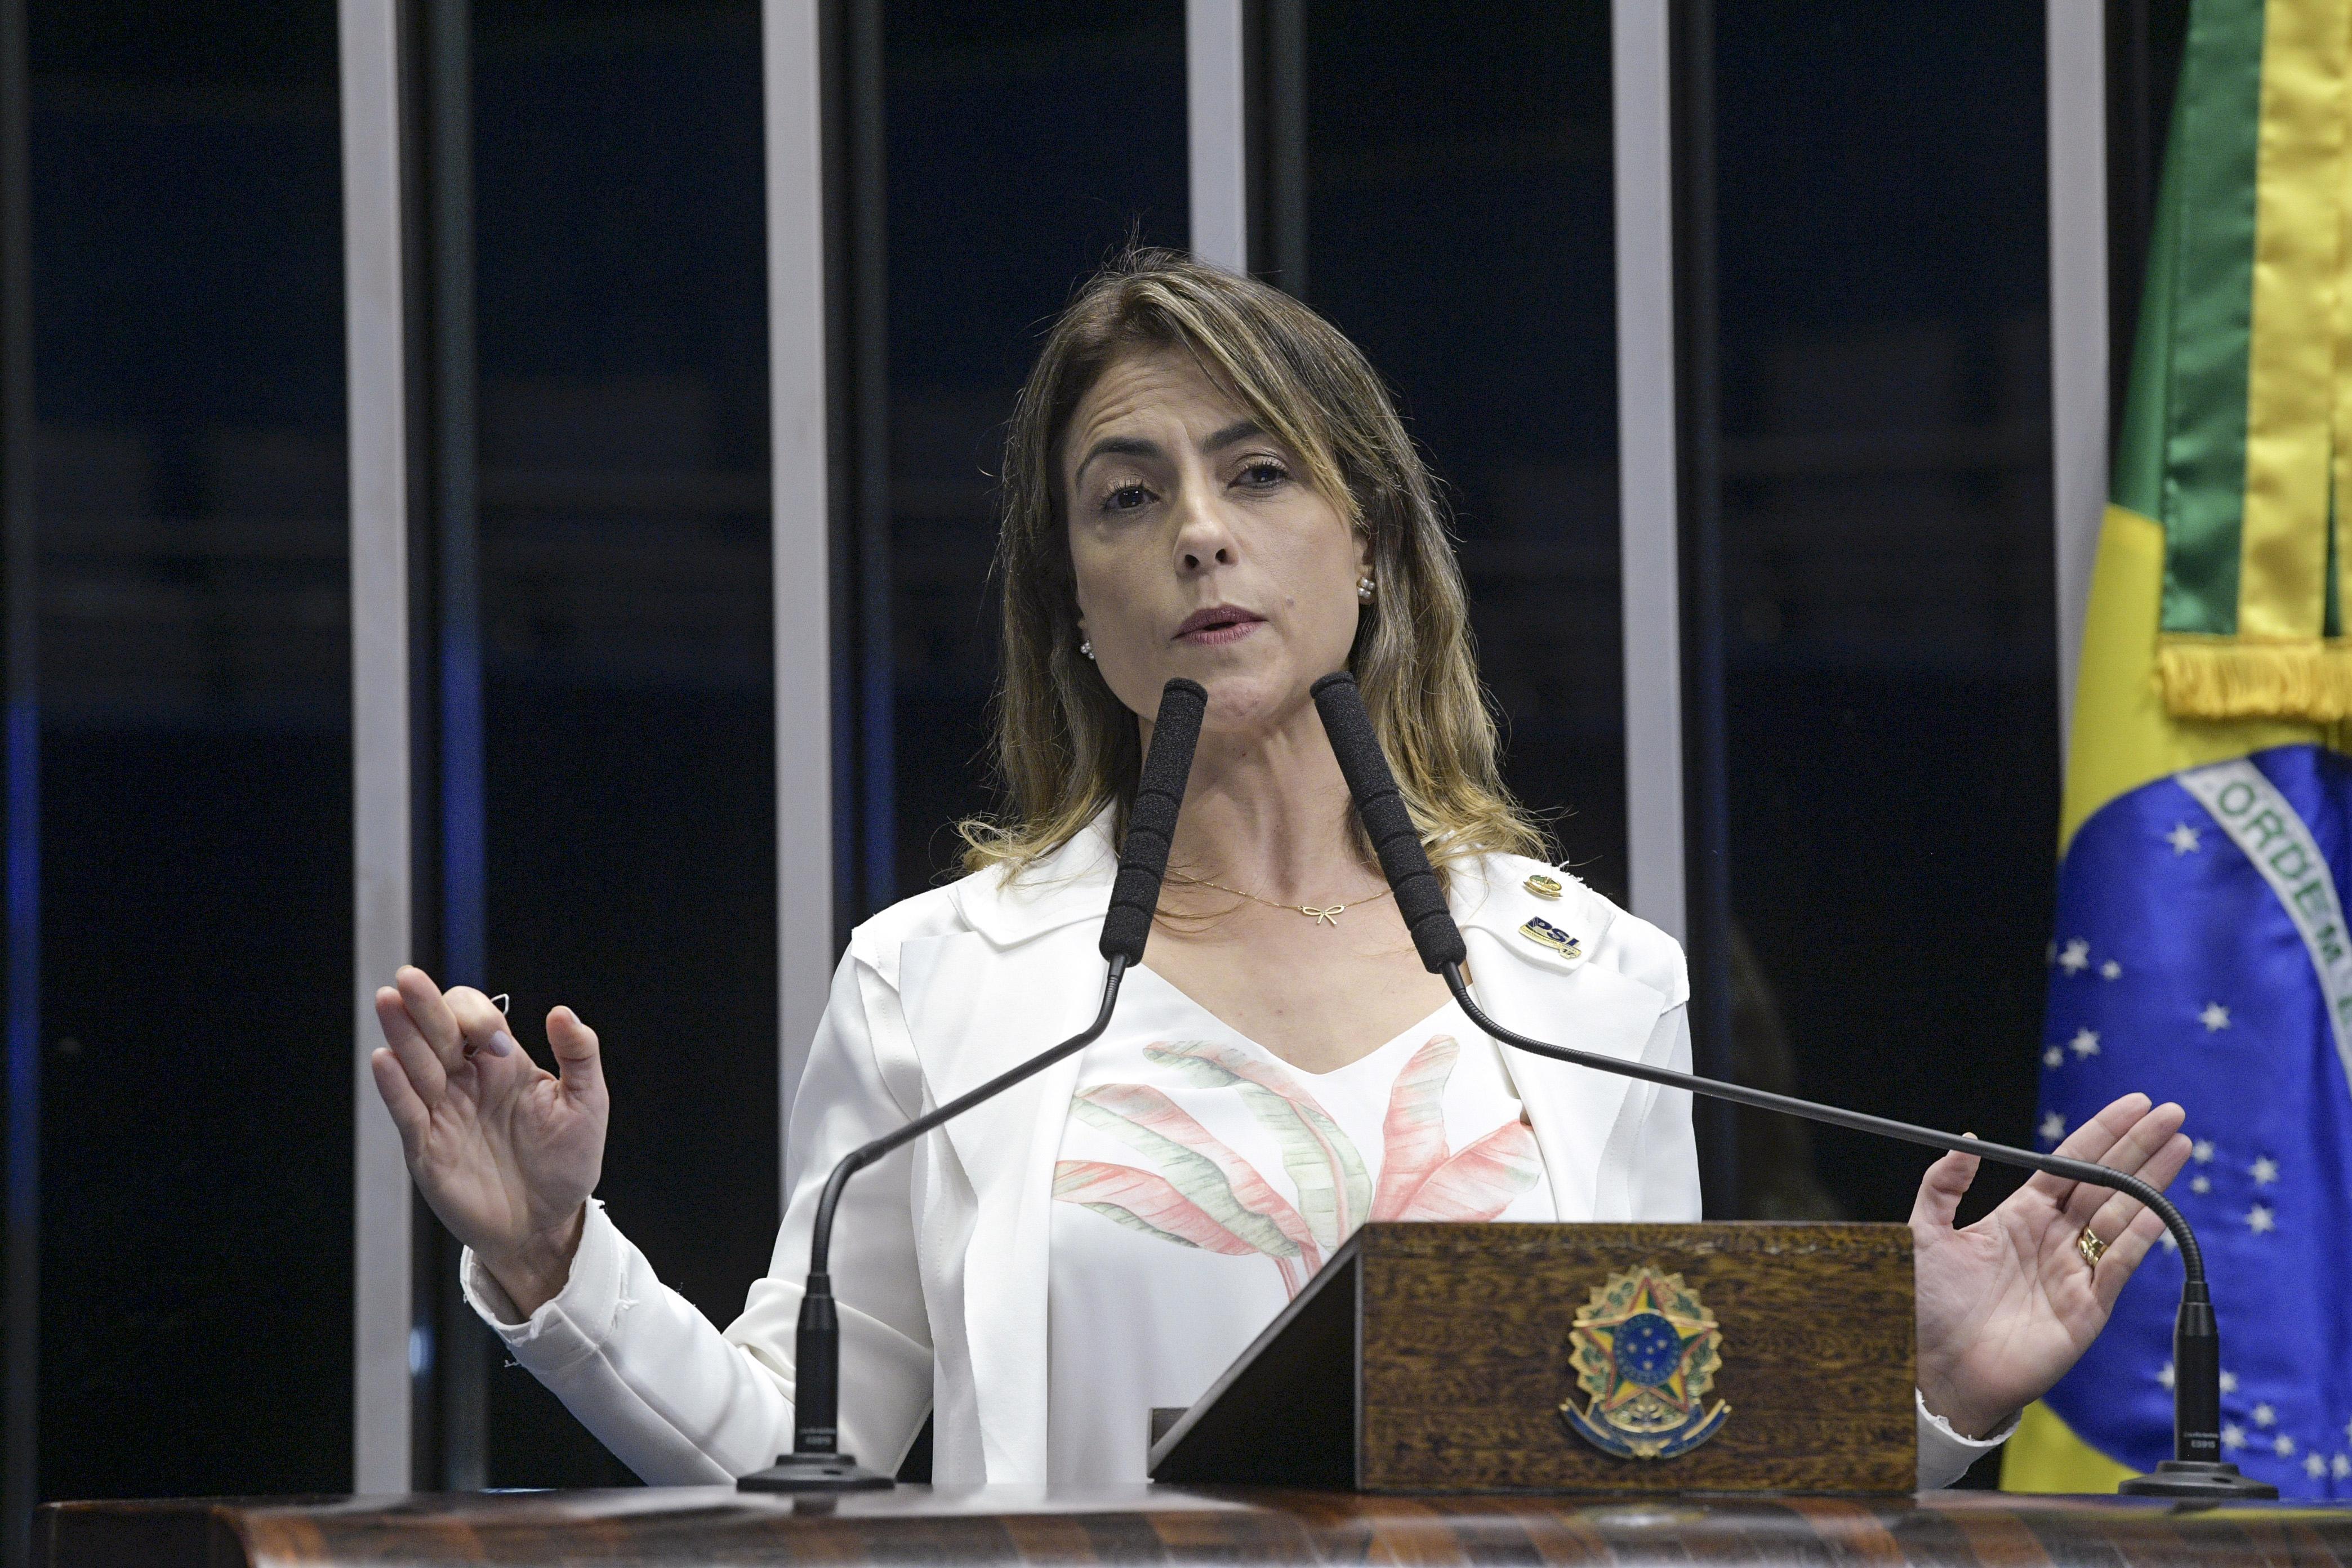 IMAGEM: Senadora Soraya Thronicke também teve celular clonado durante pandemia